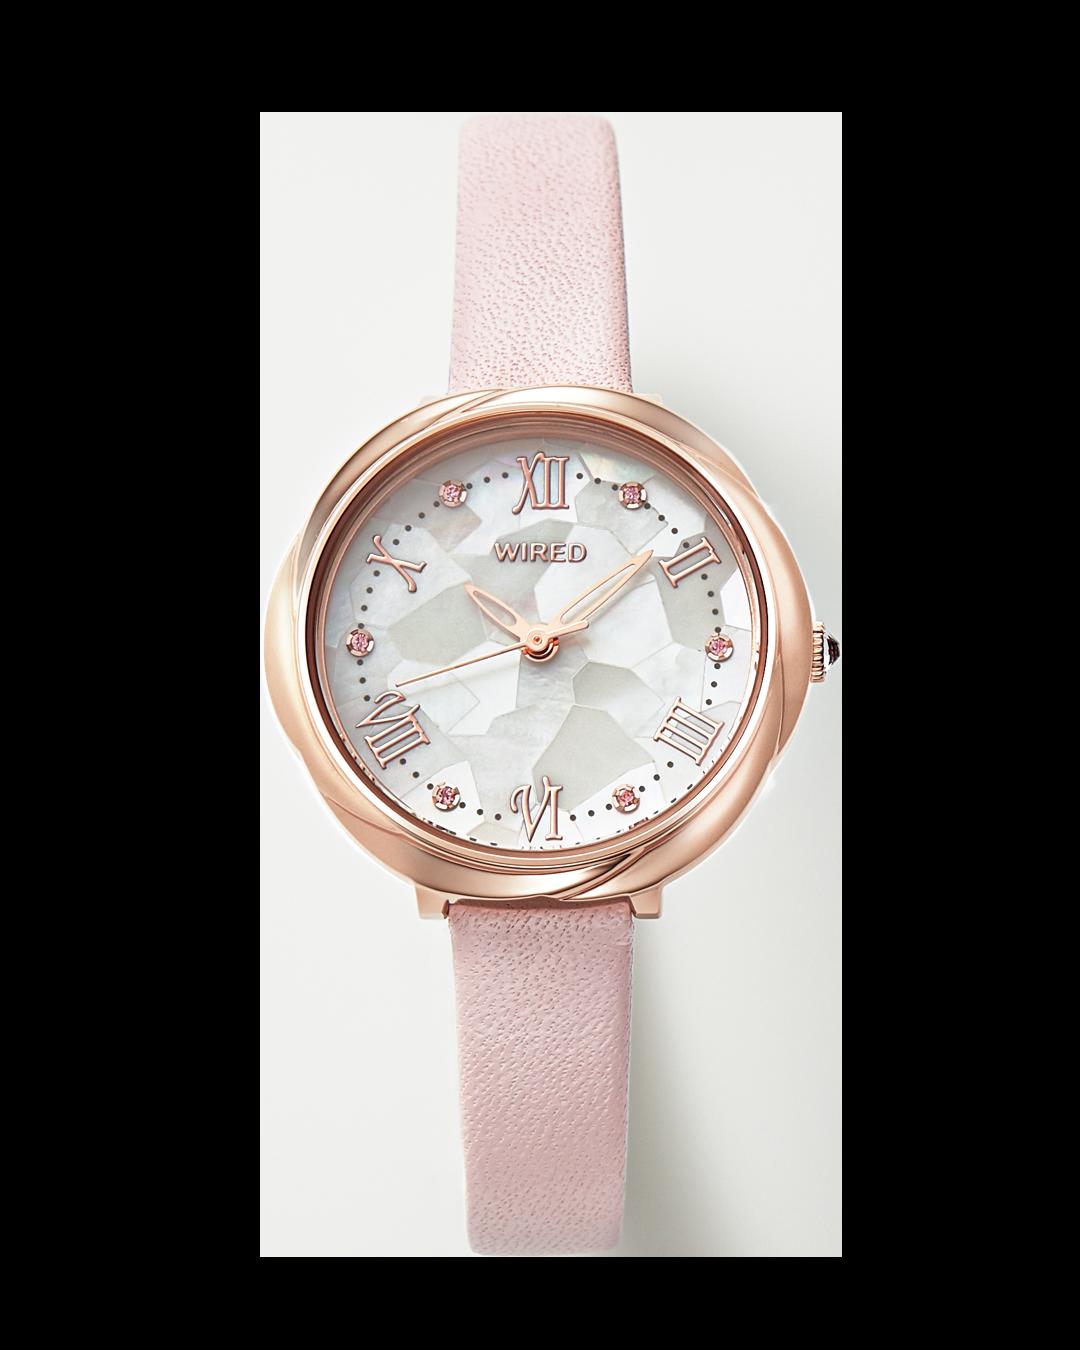 花モチーフのWIRED f(ワイアード エフ)が私の相棒♡ 清楚感も好感度も。決め手は腕時計!_1_7